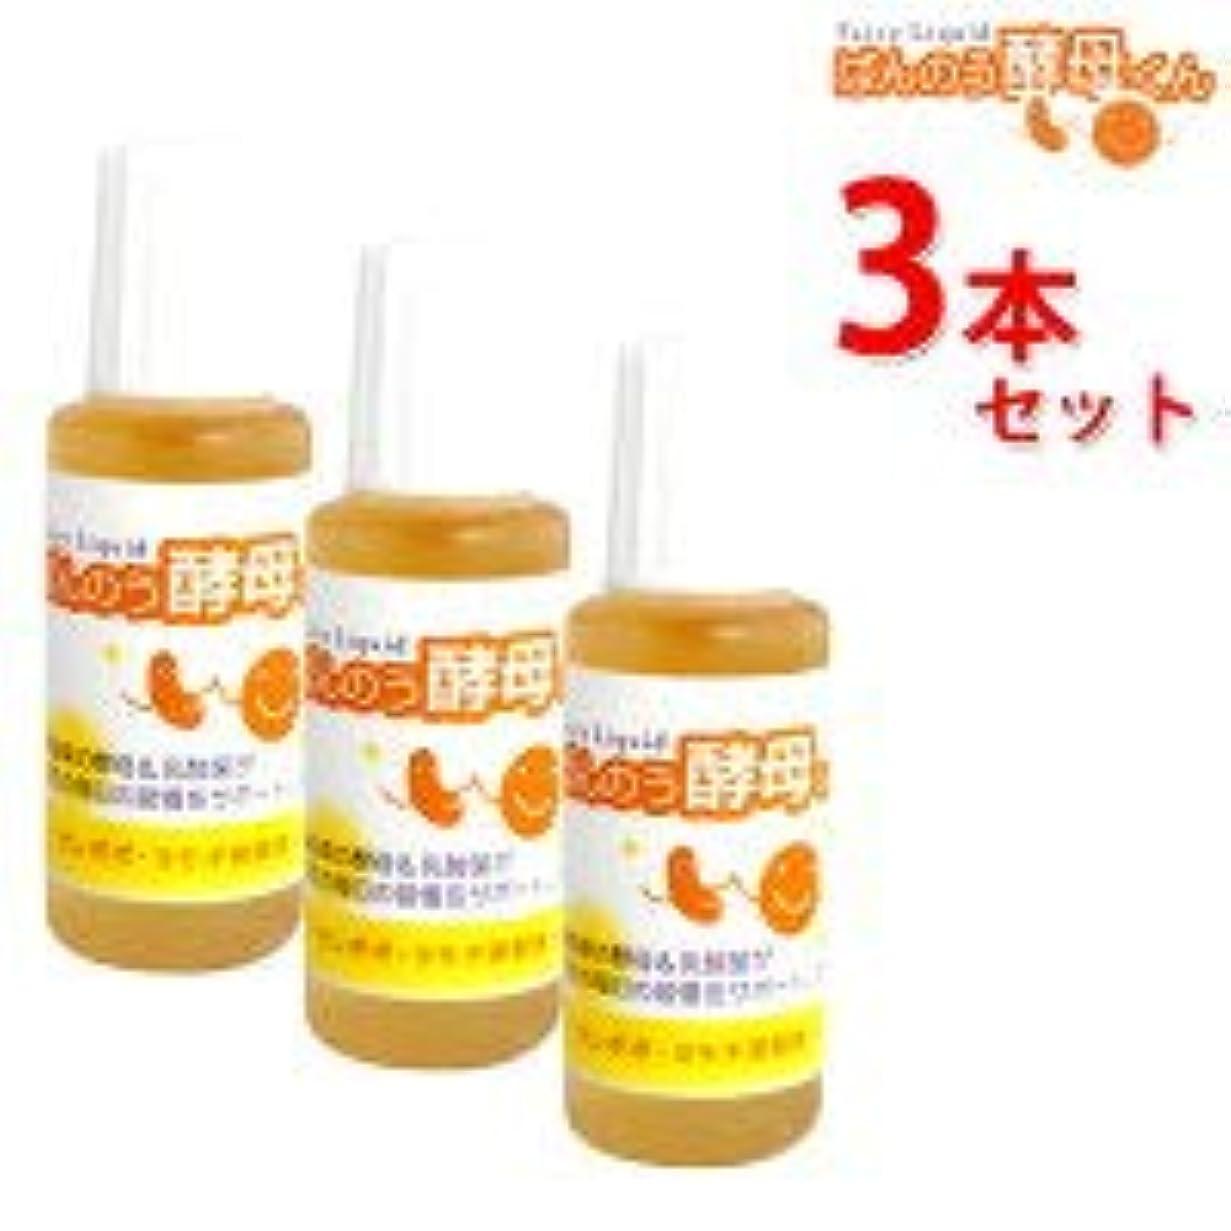 アーデンモア ばんのう酵母くん 3本セット